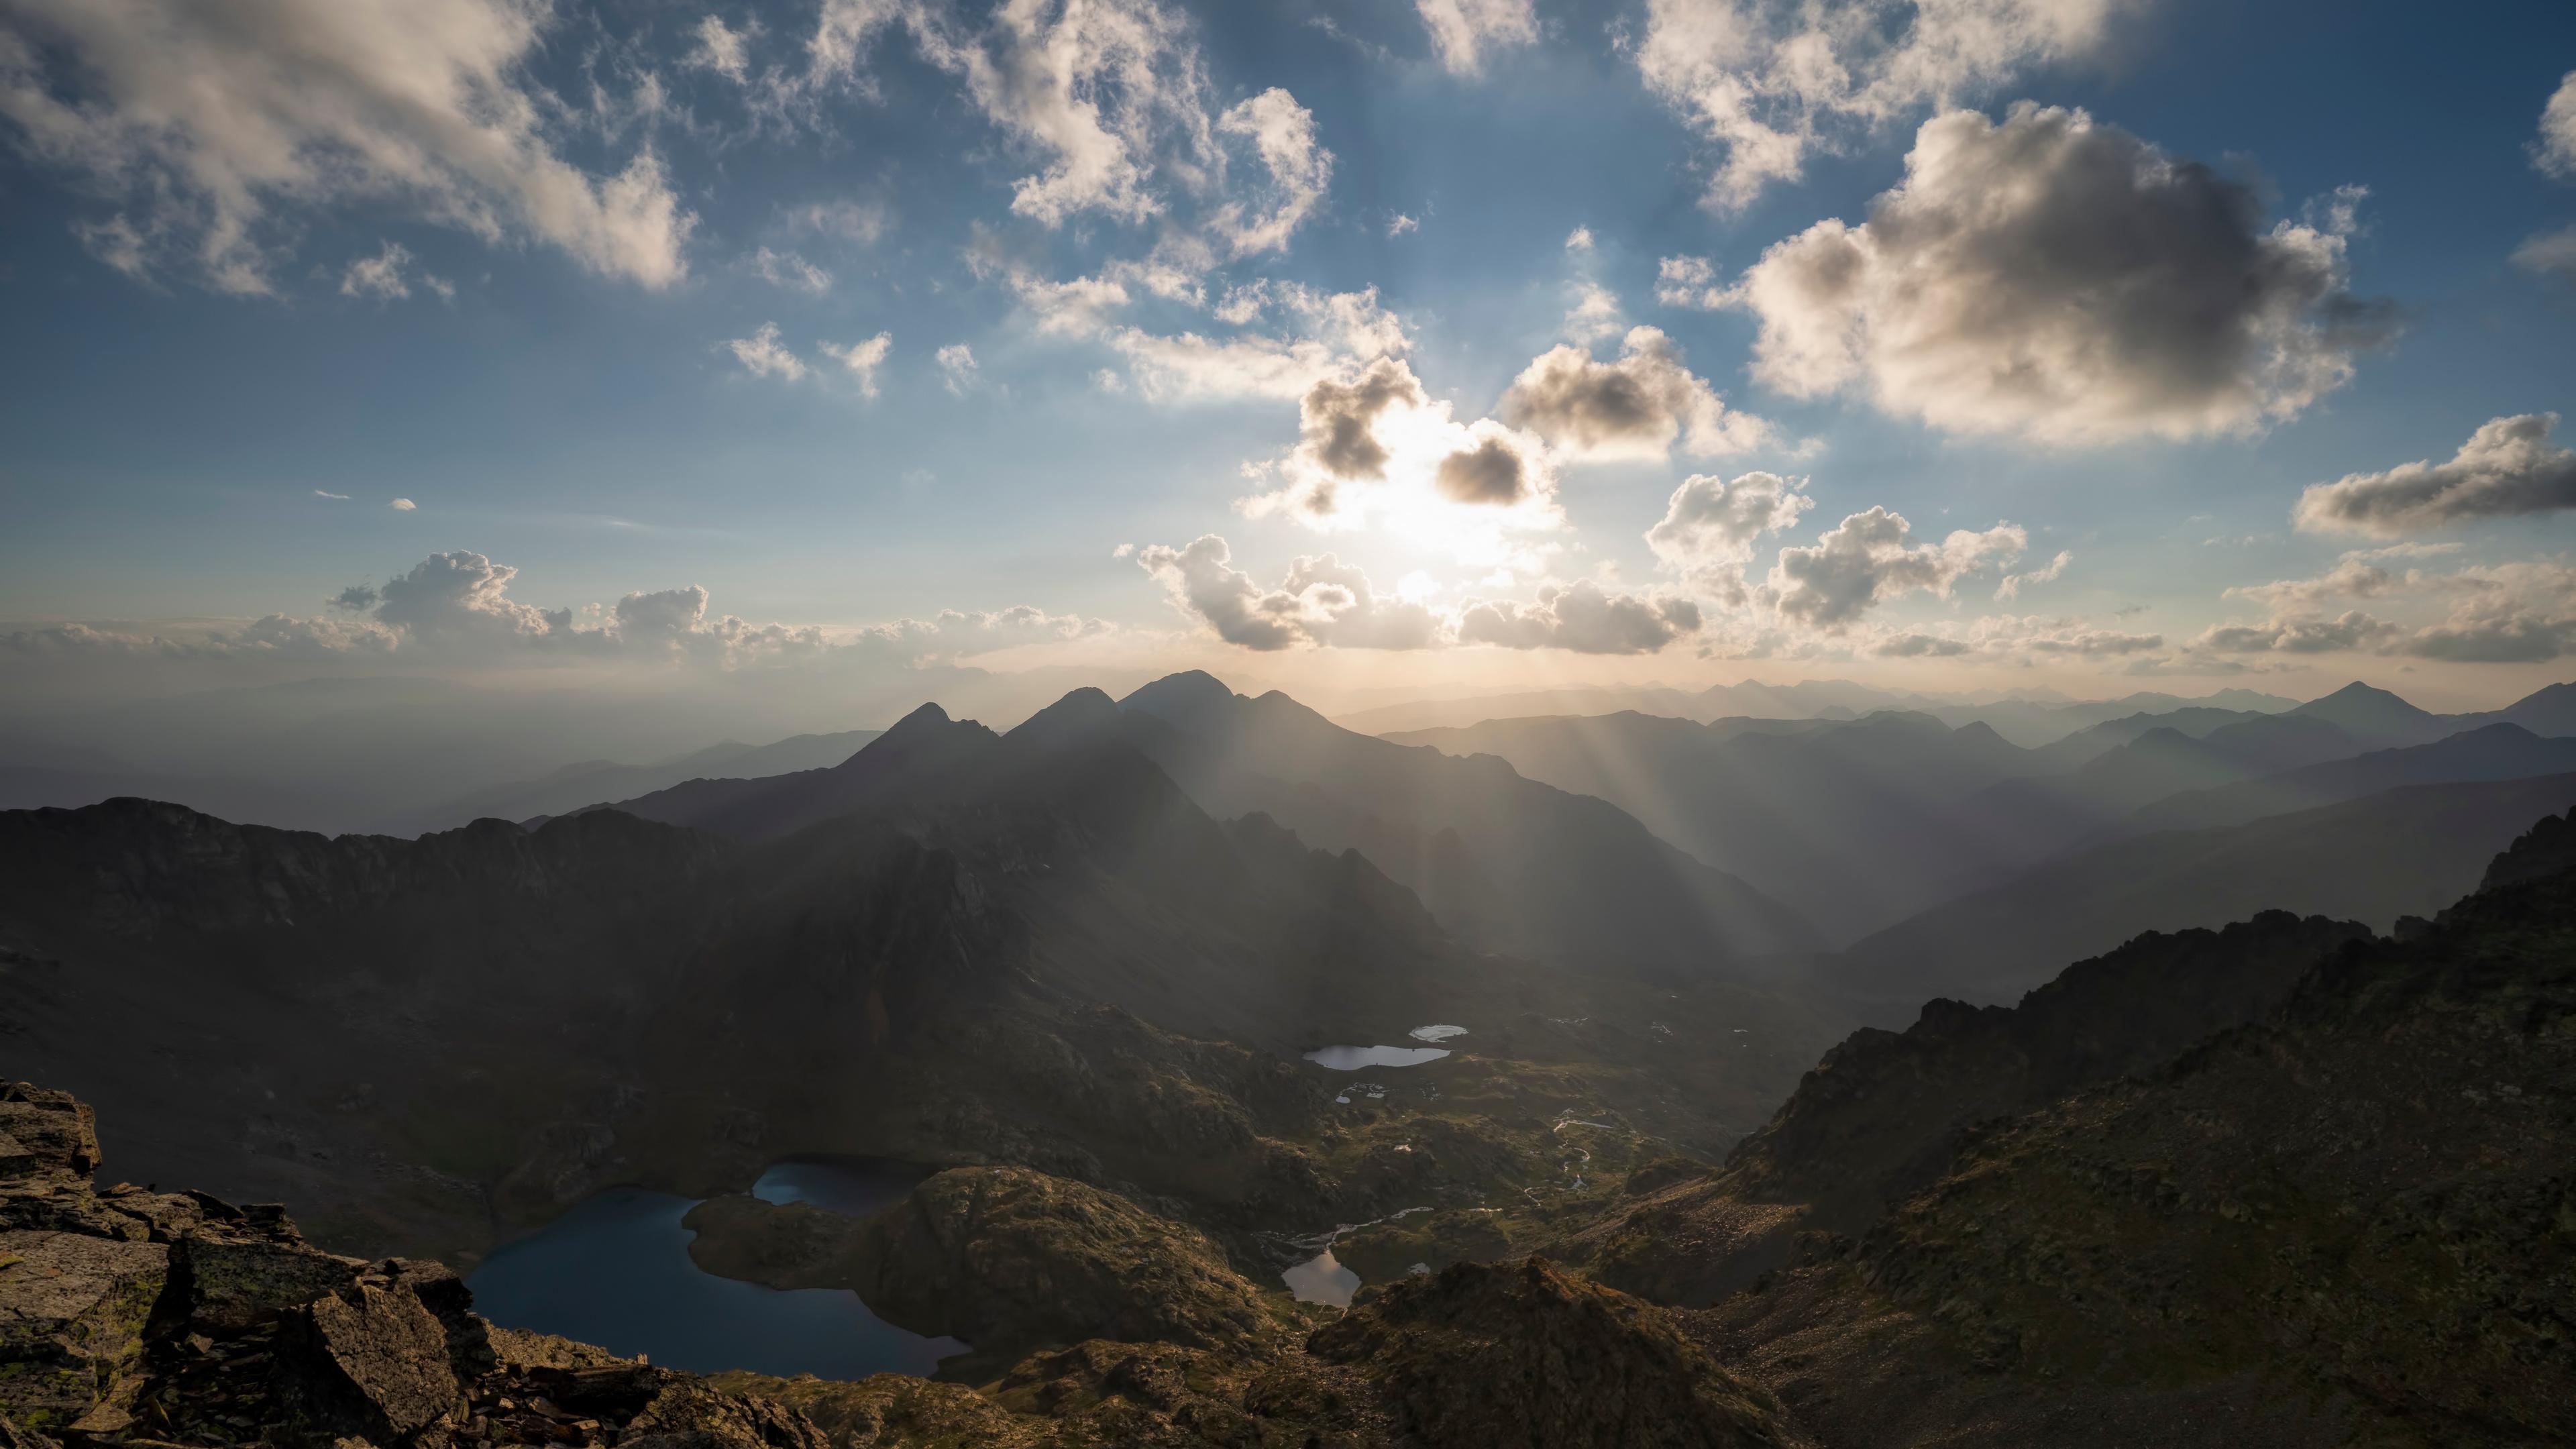 Картинки Лучи света Андорра Pyrenees гора Природа Небо Облака 3840x2160 Горы облако облачно